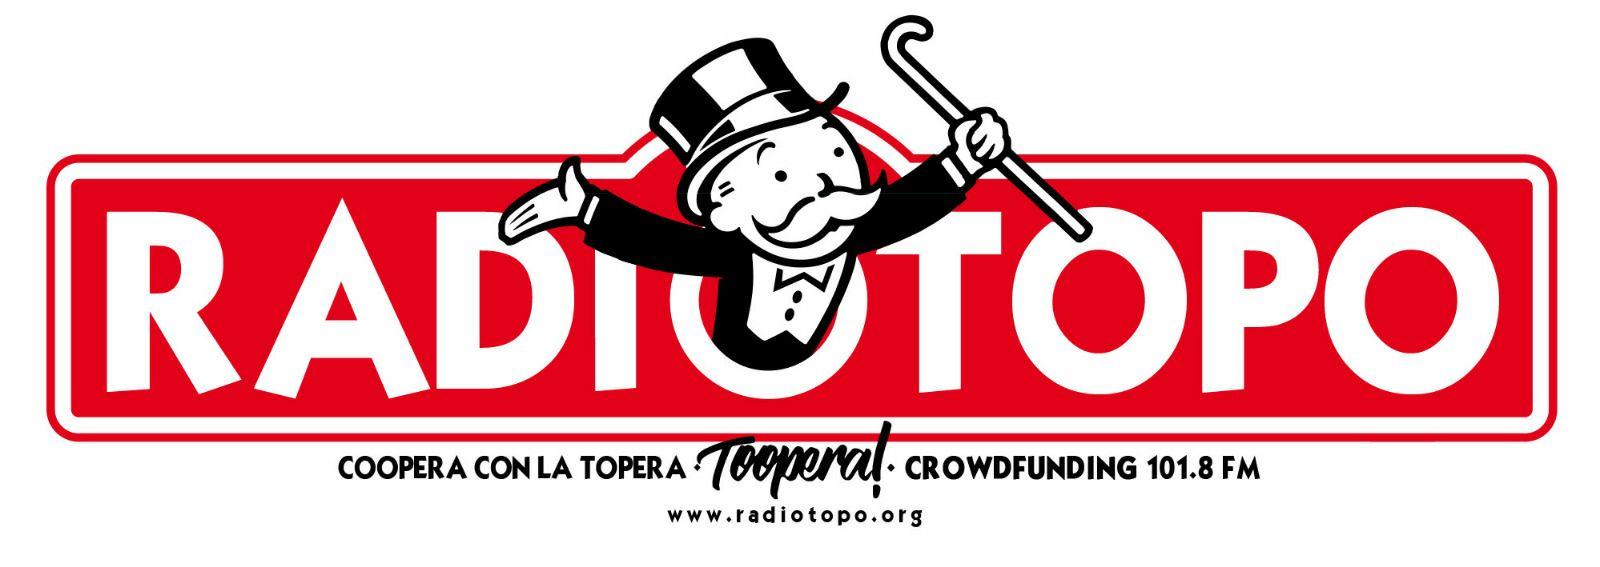 Crowfunding Radio Topo